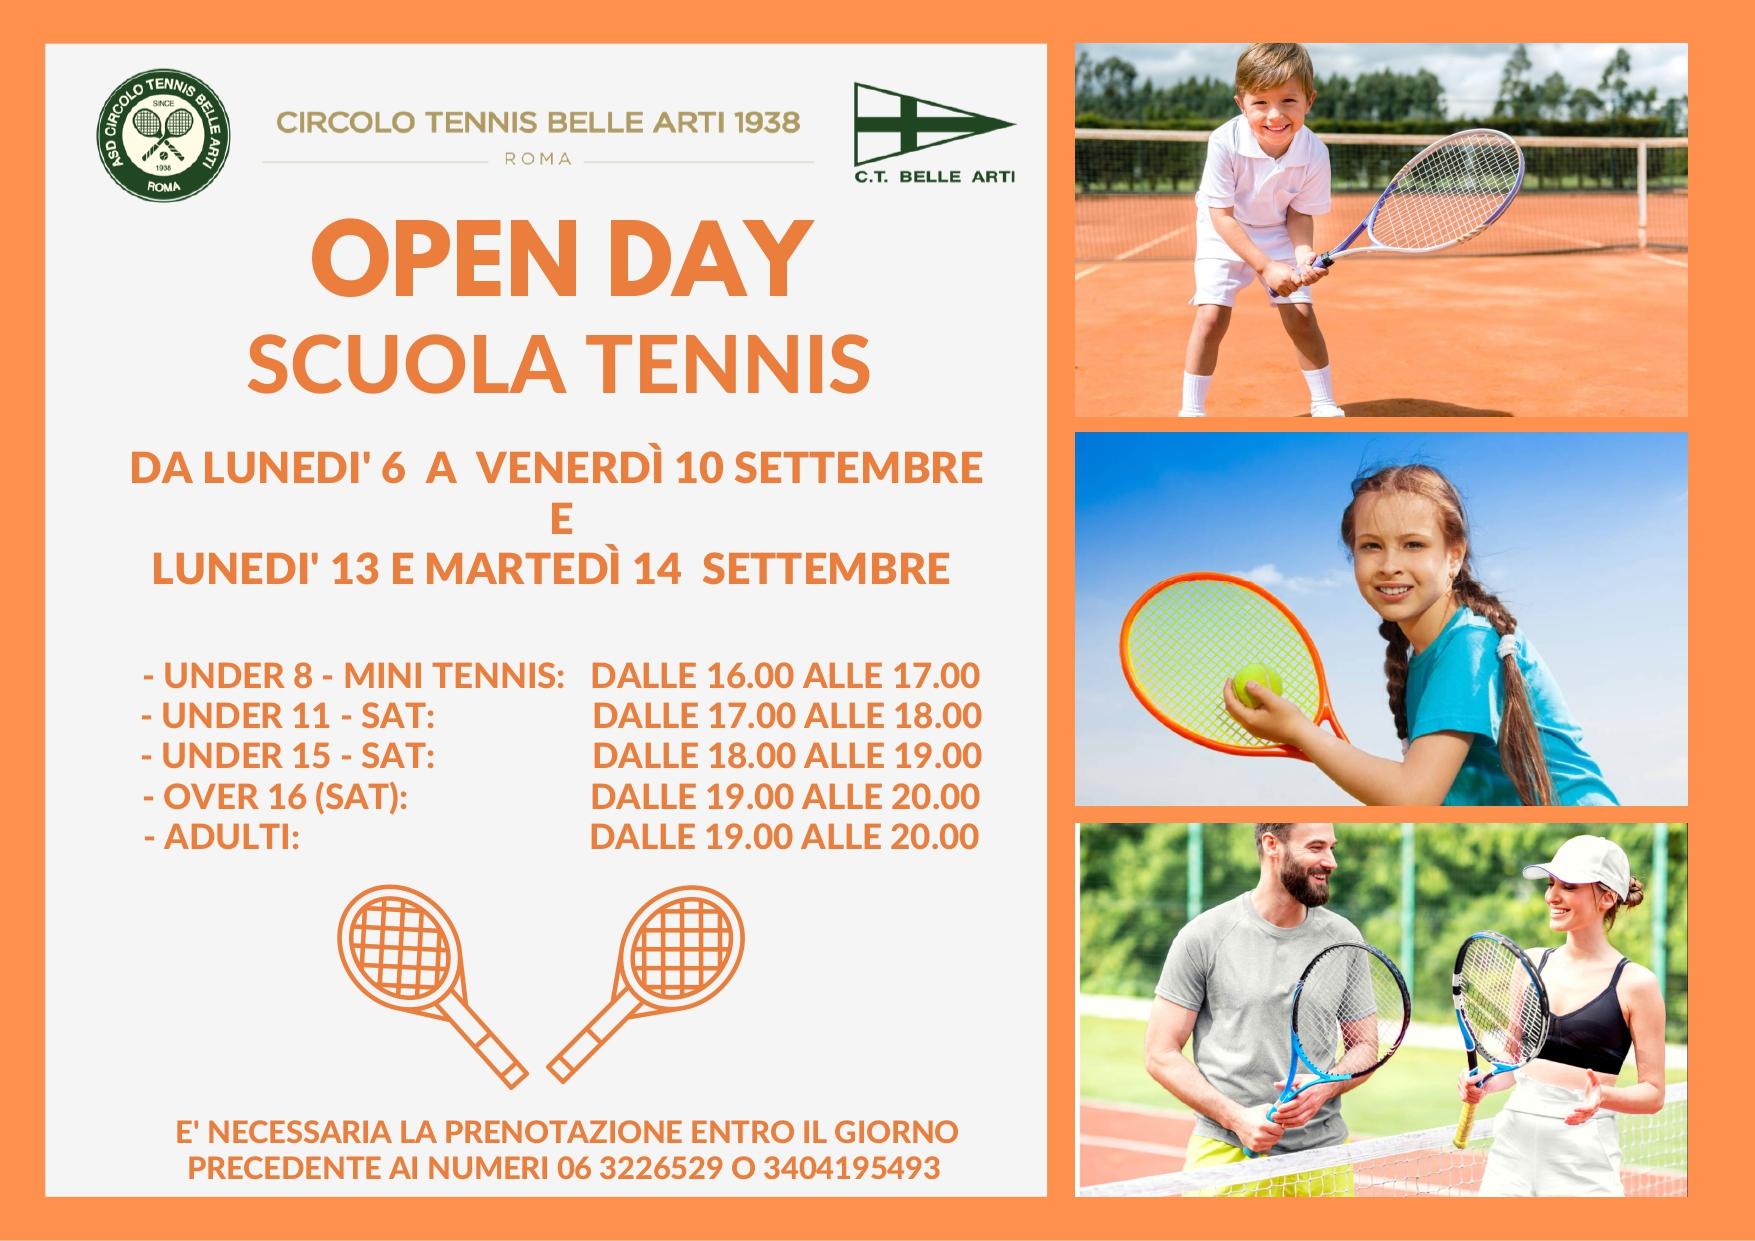 Open Day Scuola Tennis